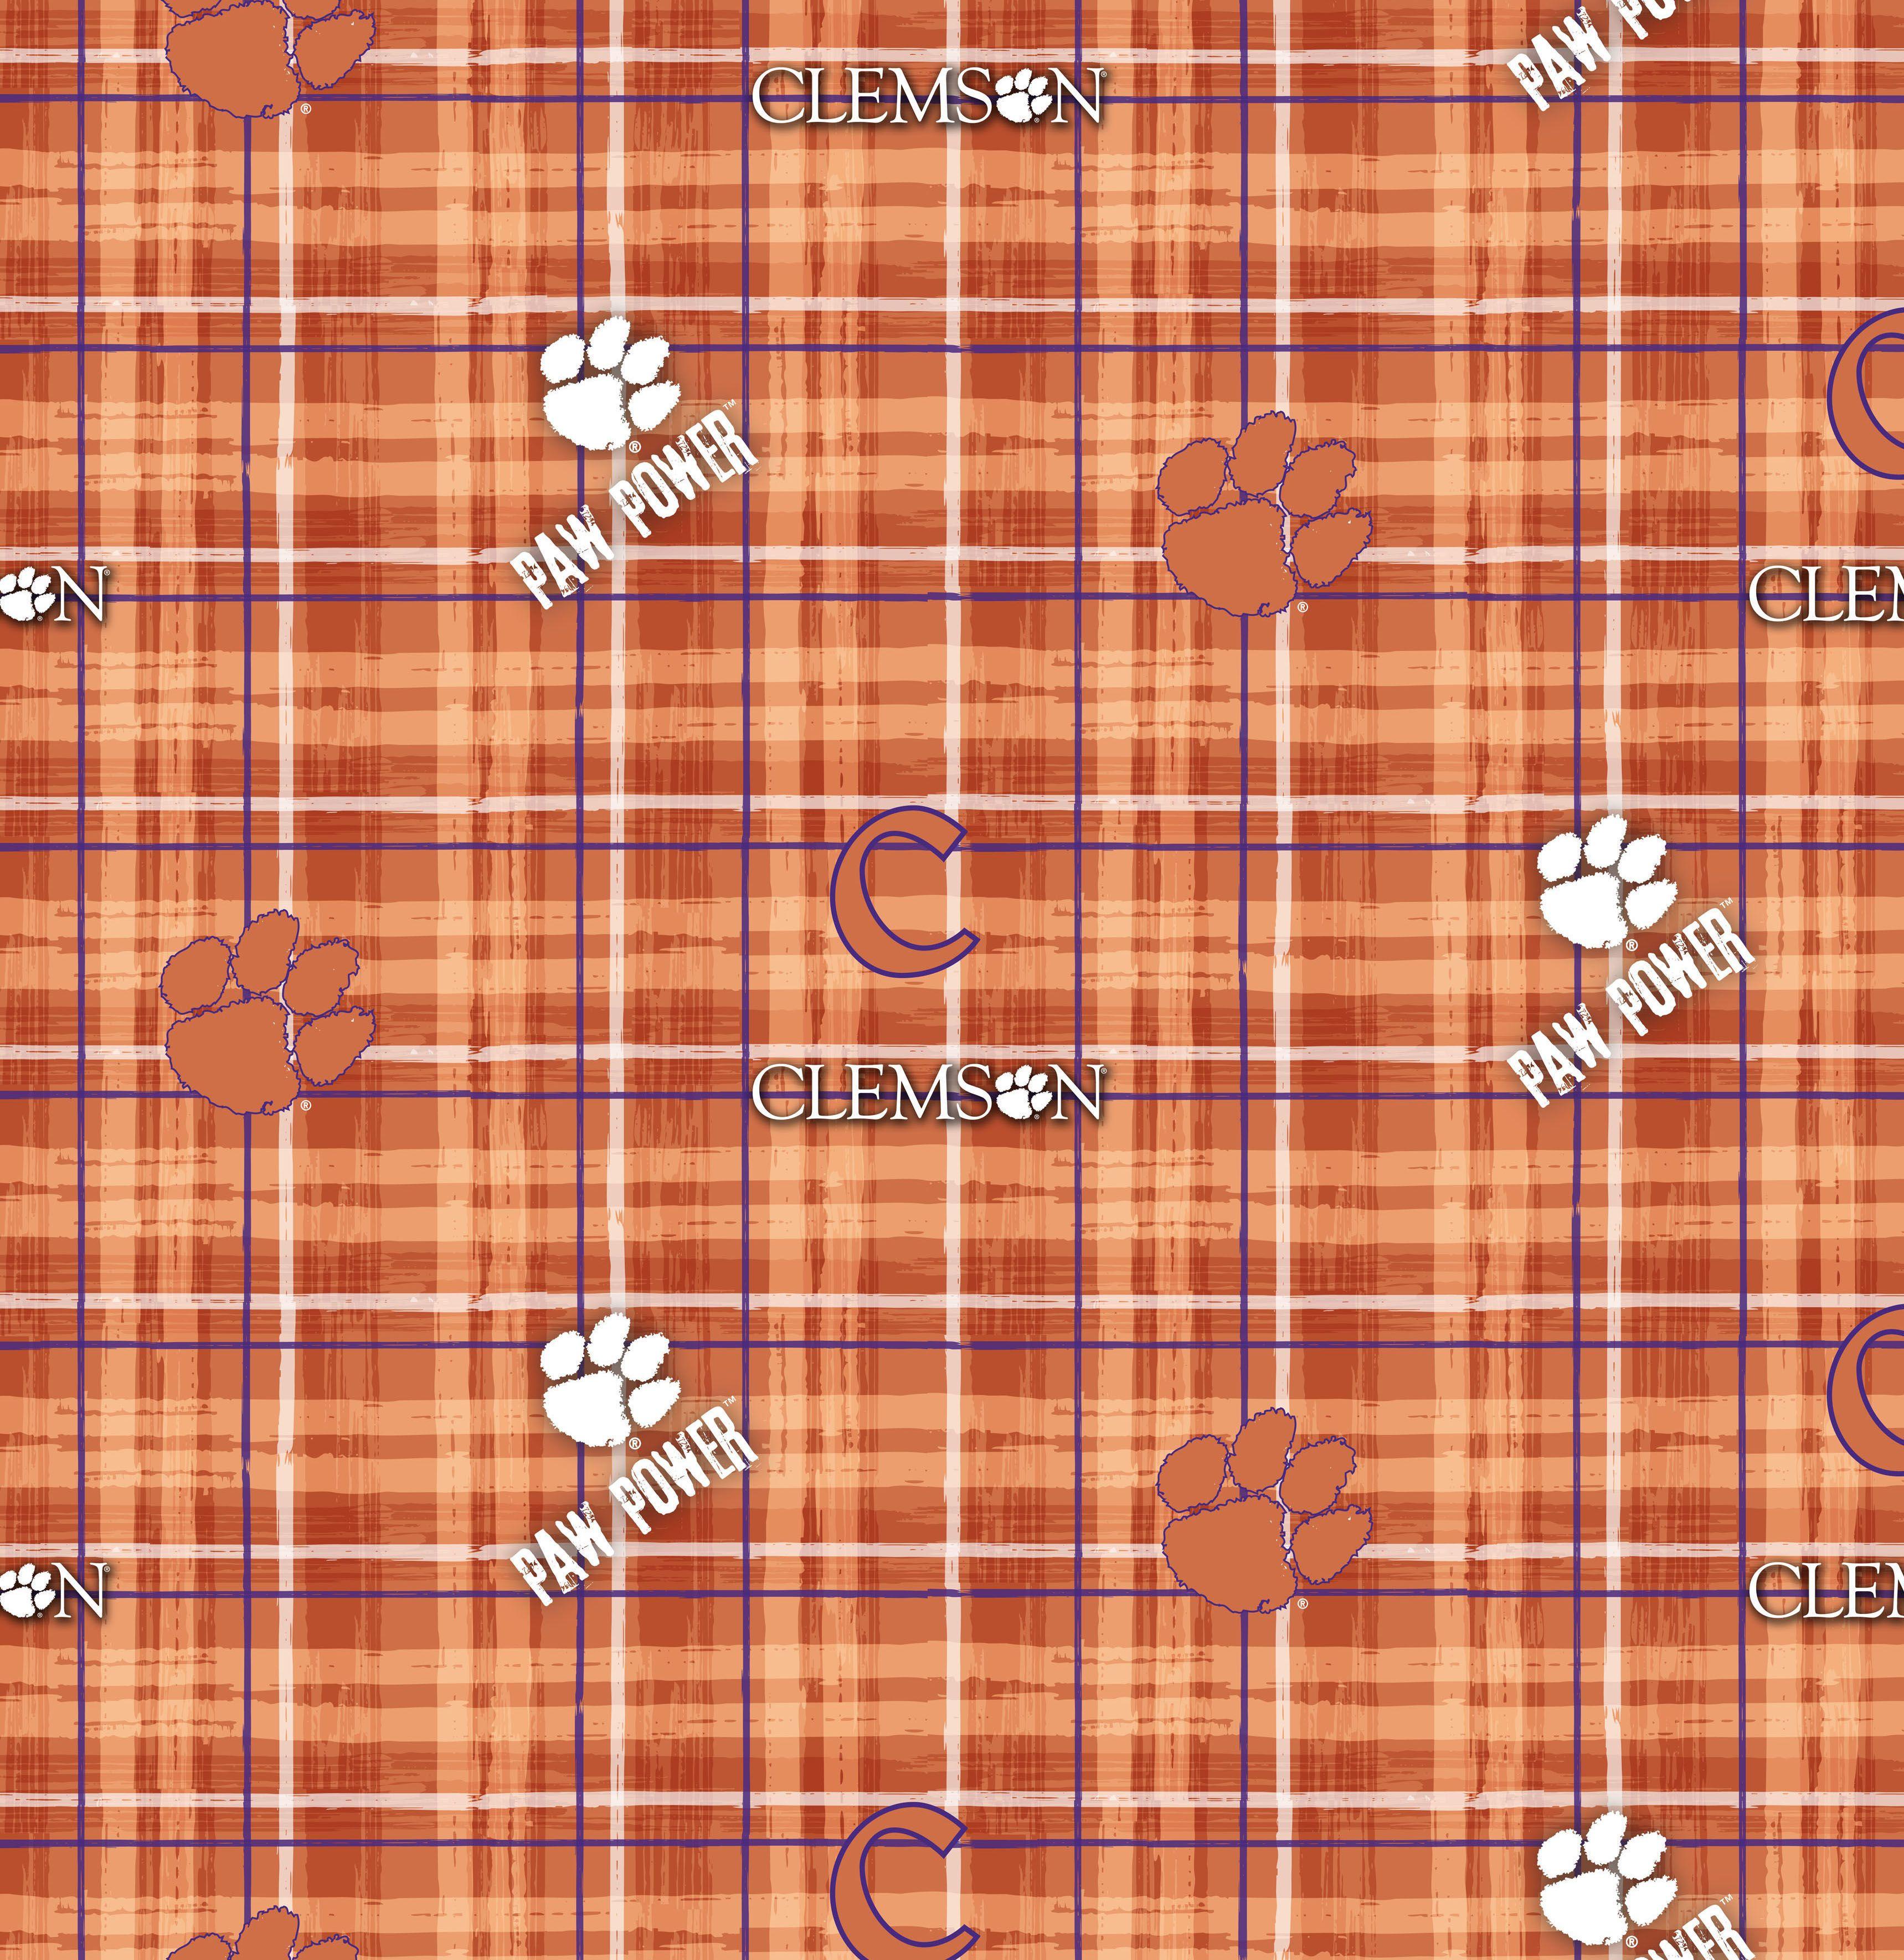 d329d6ce91e Clemson University Tigers Cotton Fabric 44